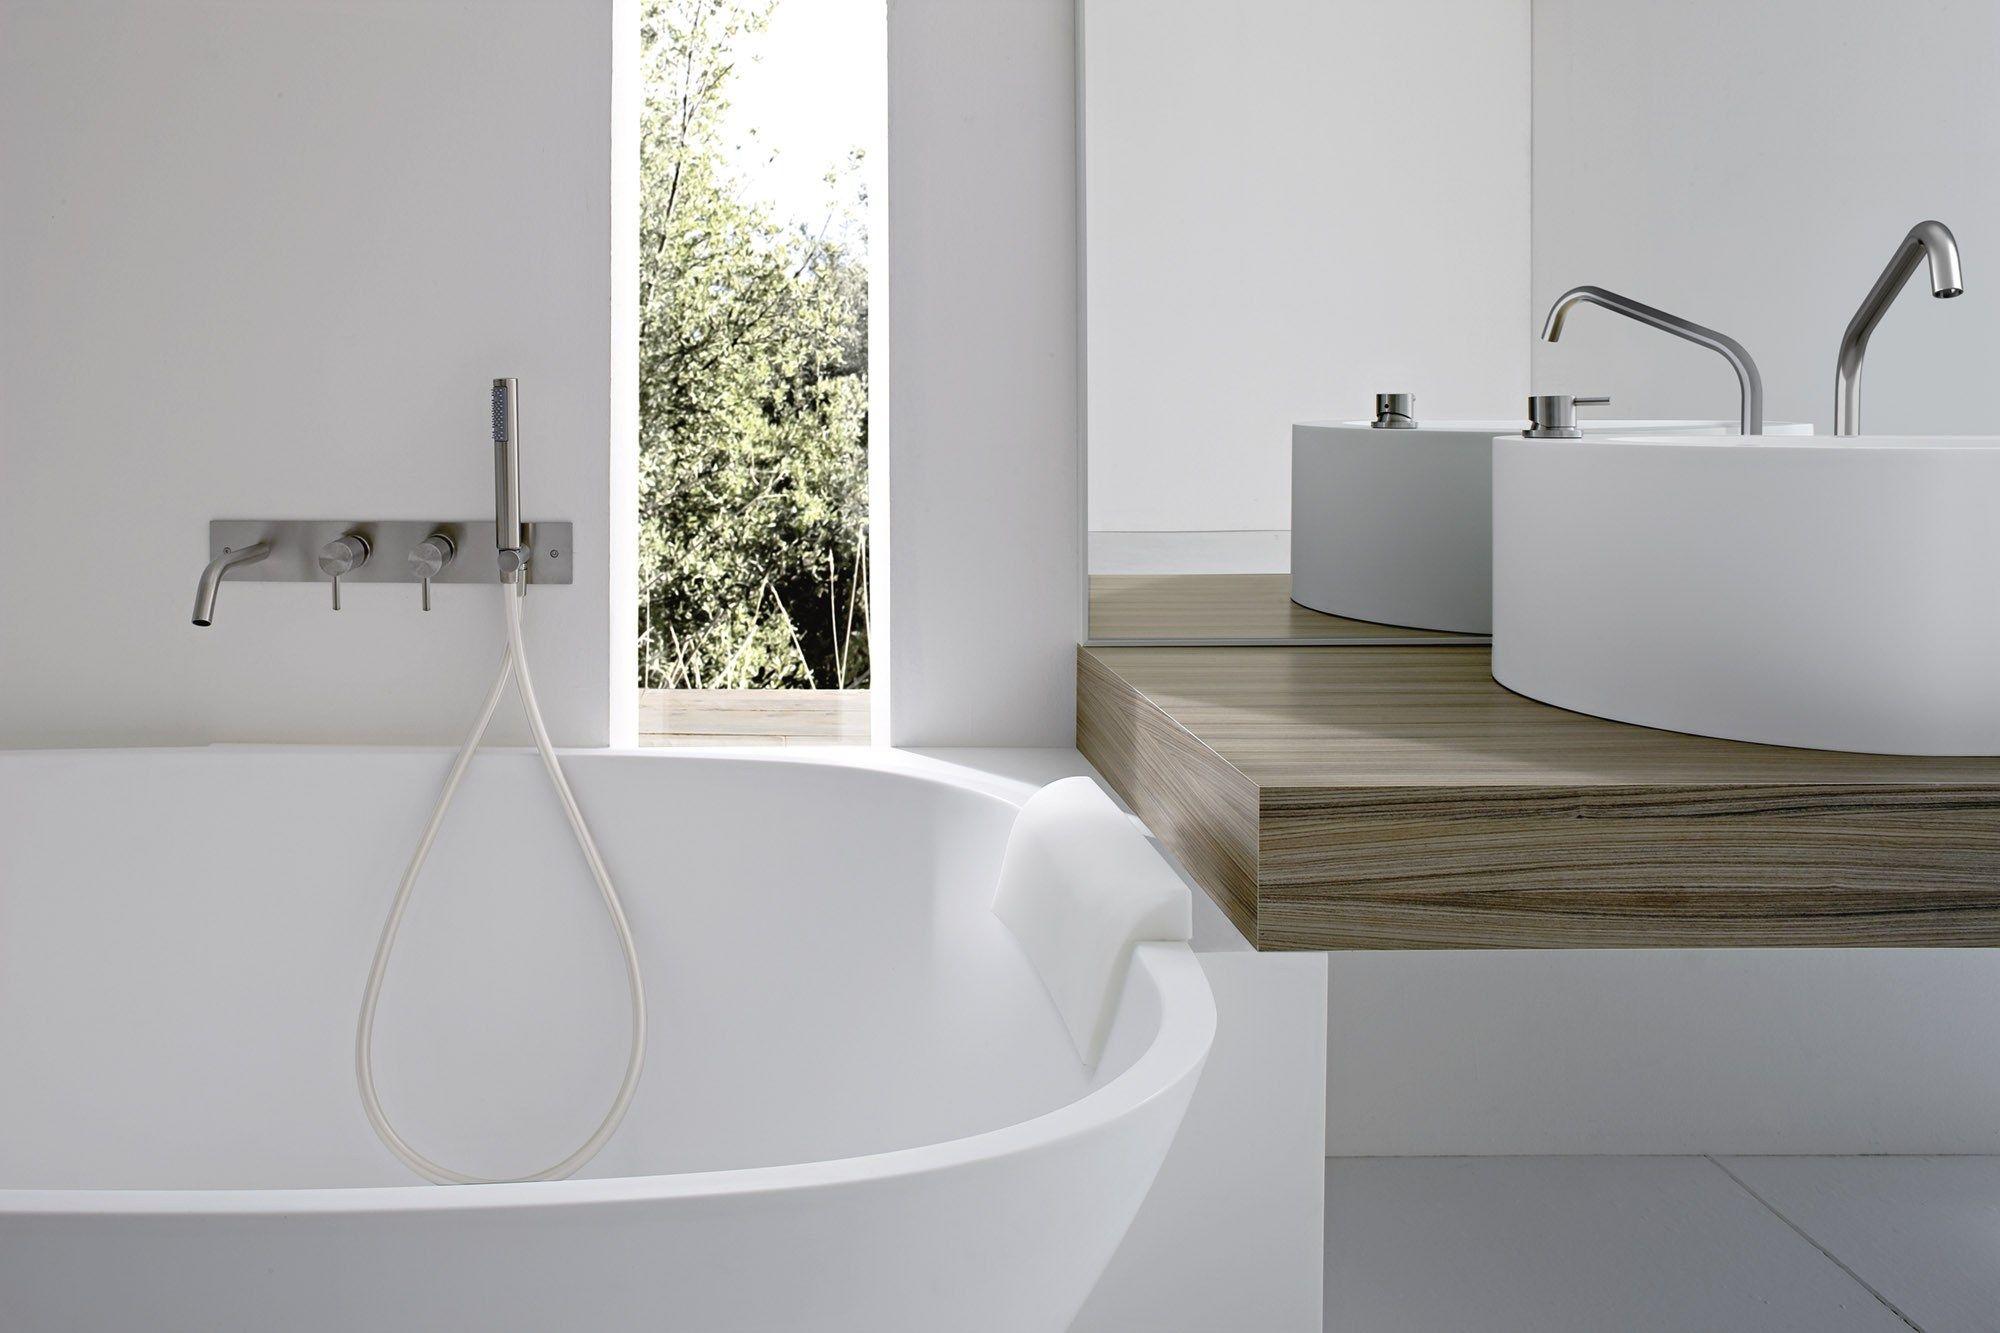 BOMA Vasca da bagno angolare by Rexa Design design Imago Design